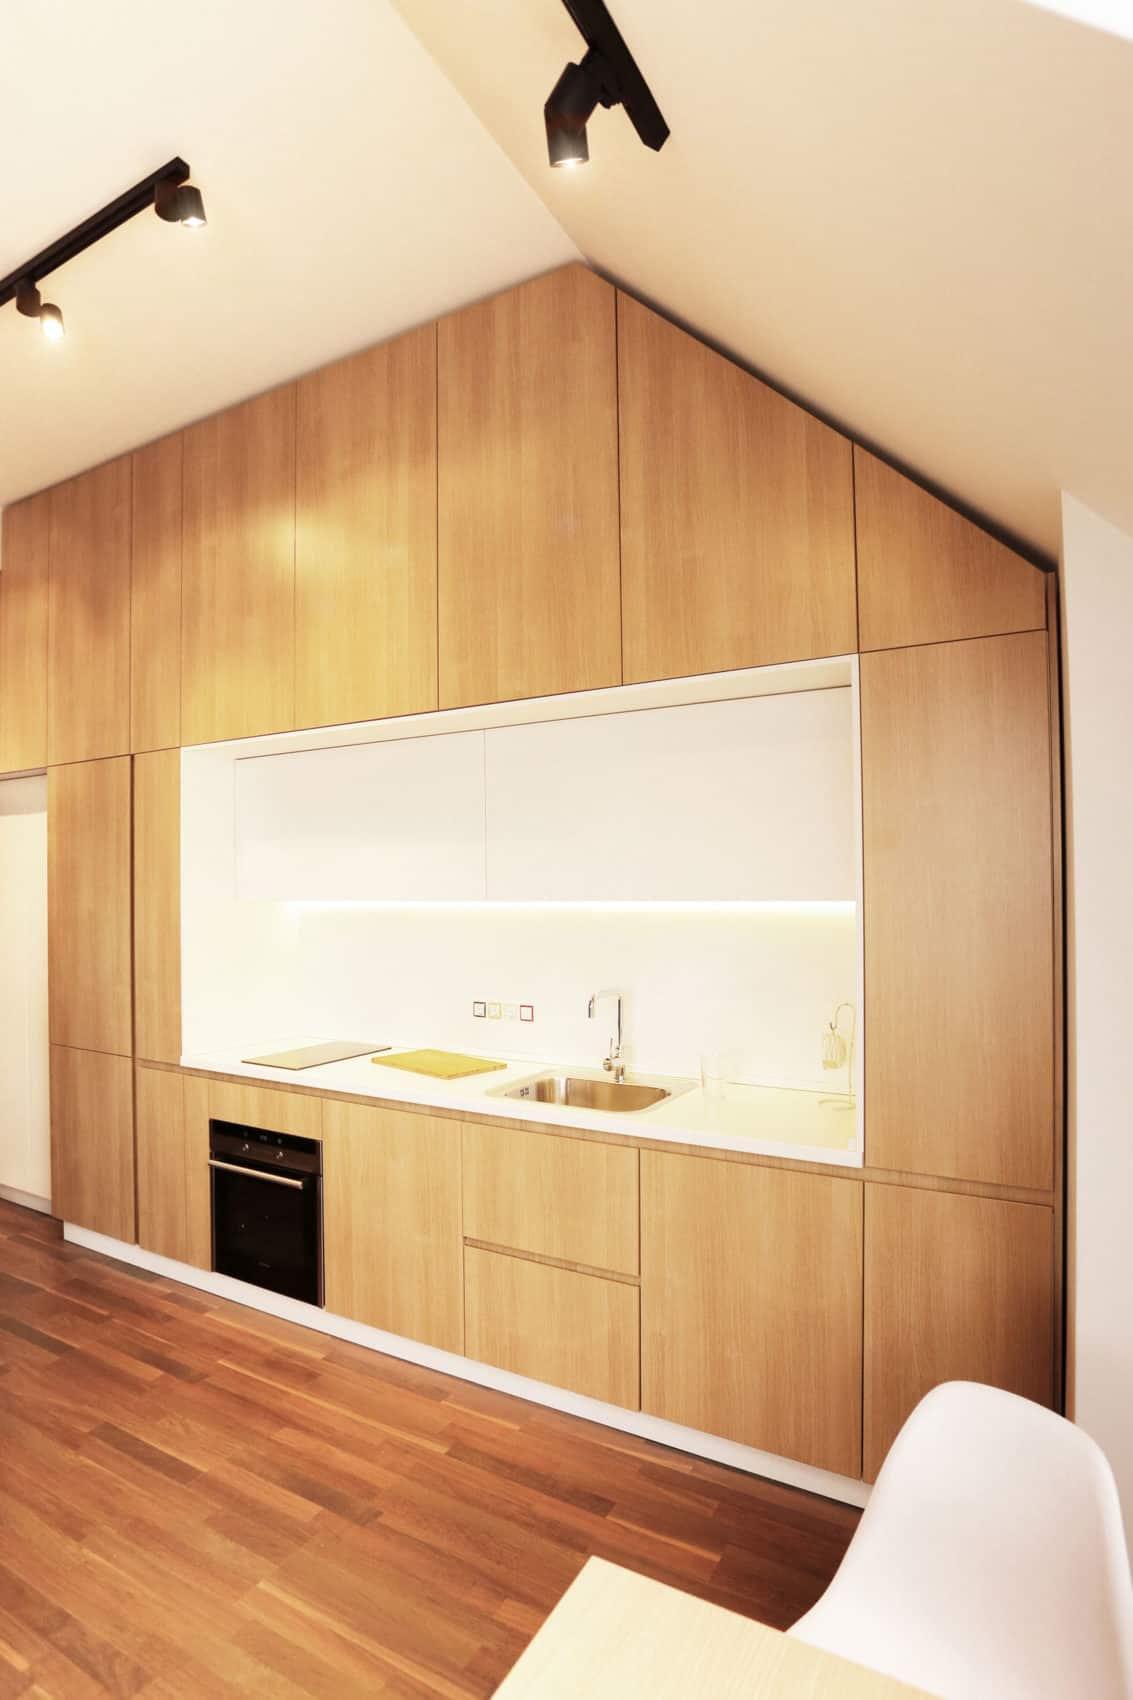 Apartment in Sofia by Edo Design Studio (5)